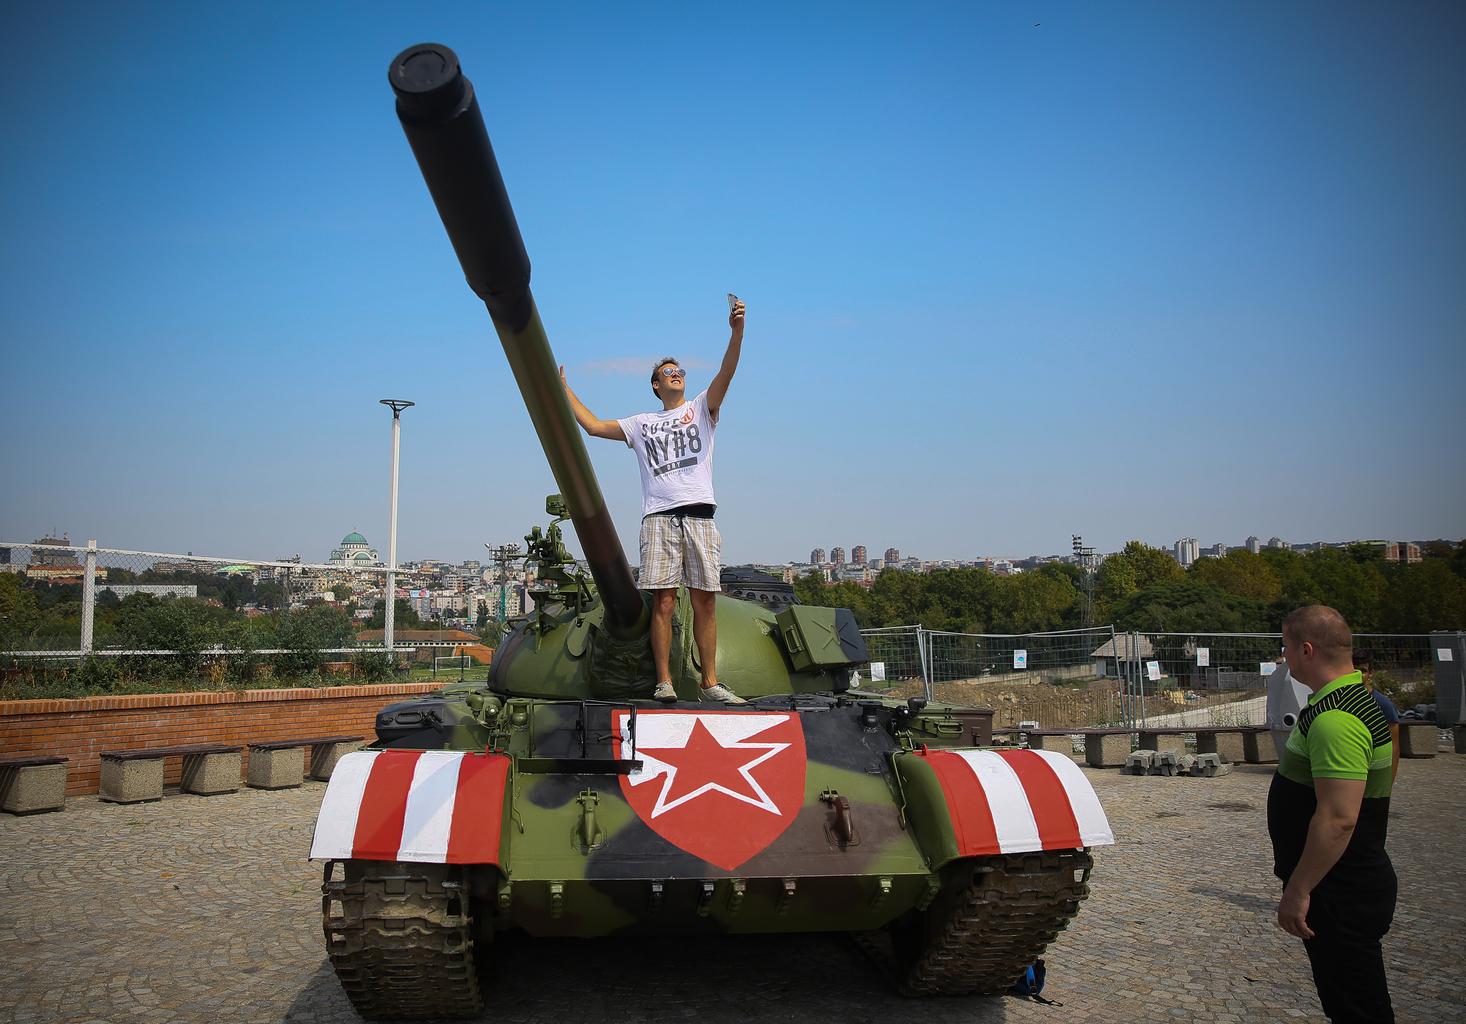 Egy szerb szurkoló pózol a Crvena Zvezda labdarúgó csapat stadionja elé állított T-55-ös tankon a Bajnokok Ligája negyedik fordulójában 2019. augusztus 27-én Belgrádban #moszkvater